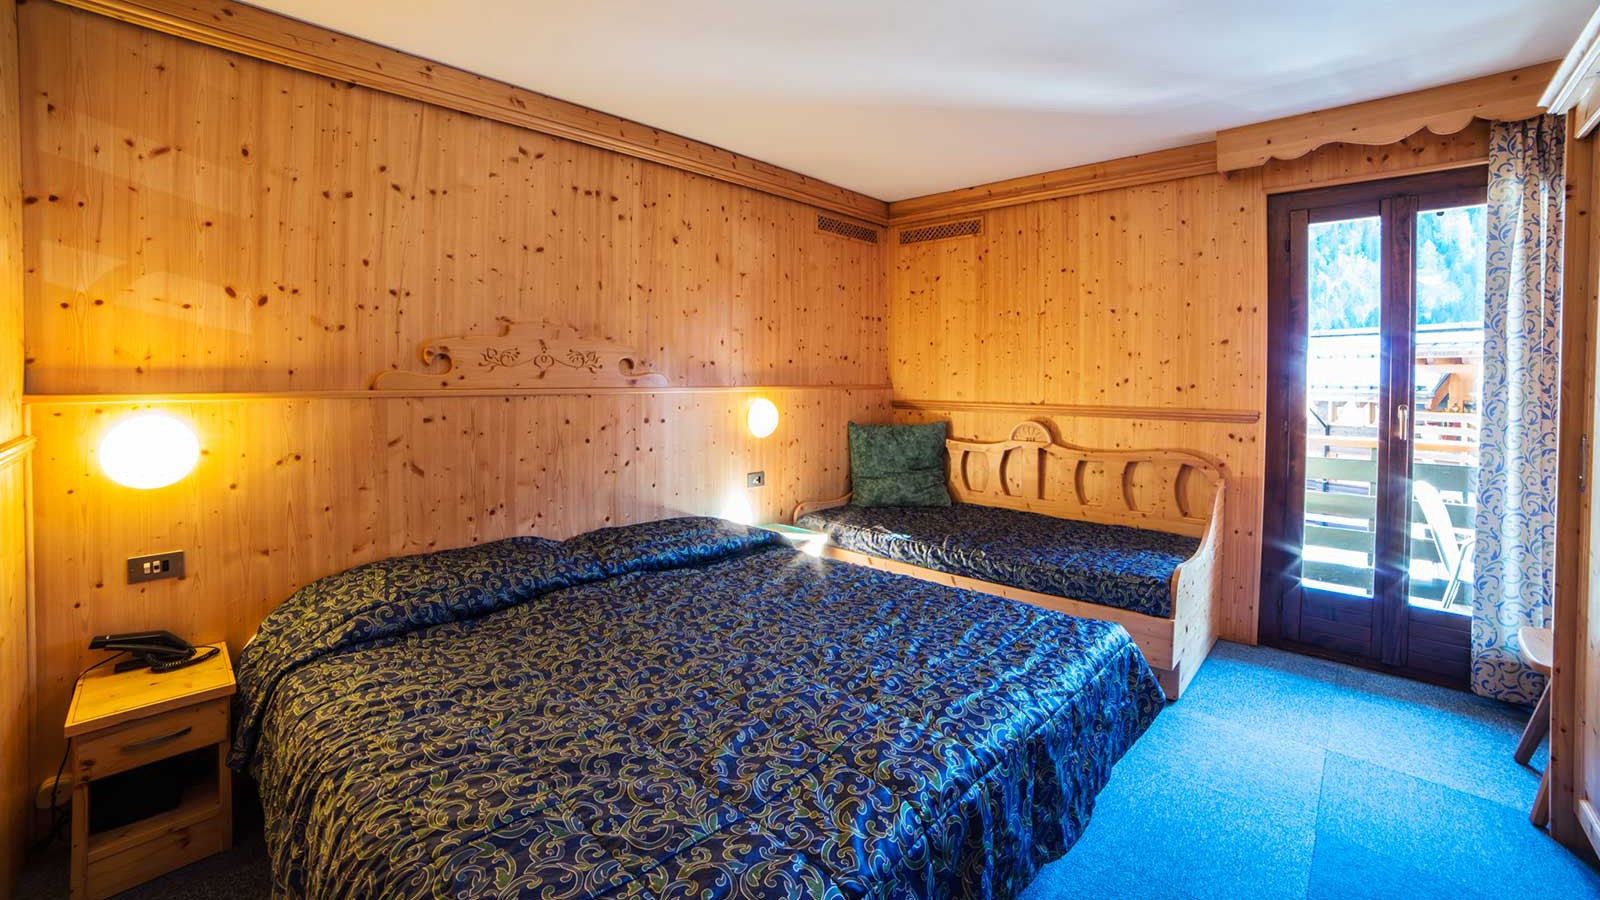 Rooms - Hotel Cime d'Oro, Madonna di Campiglio